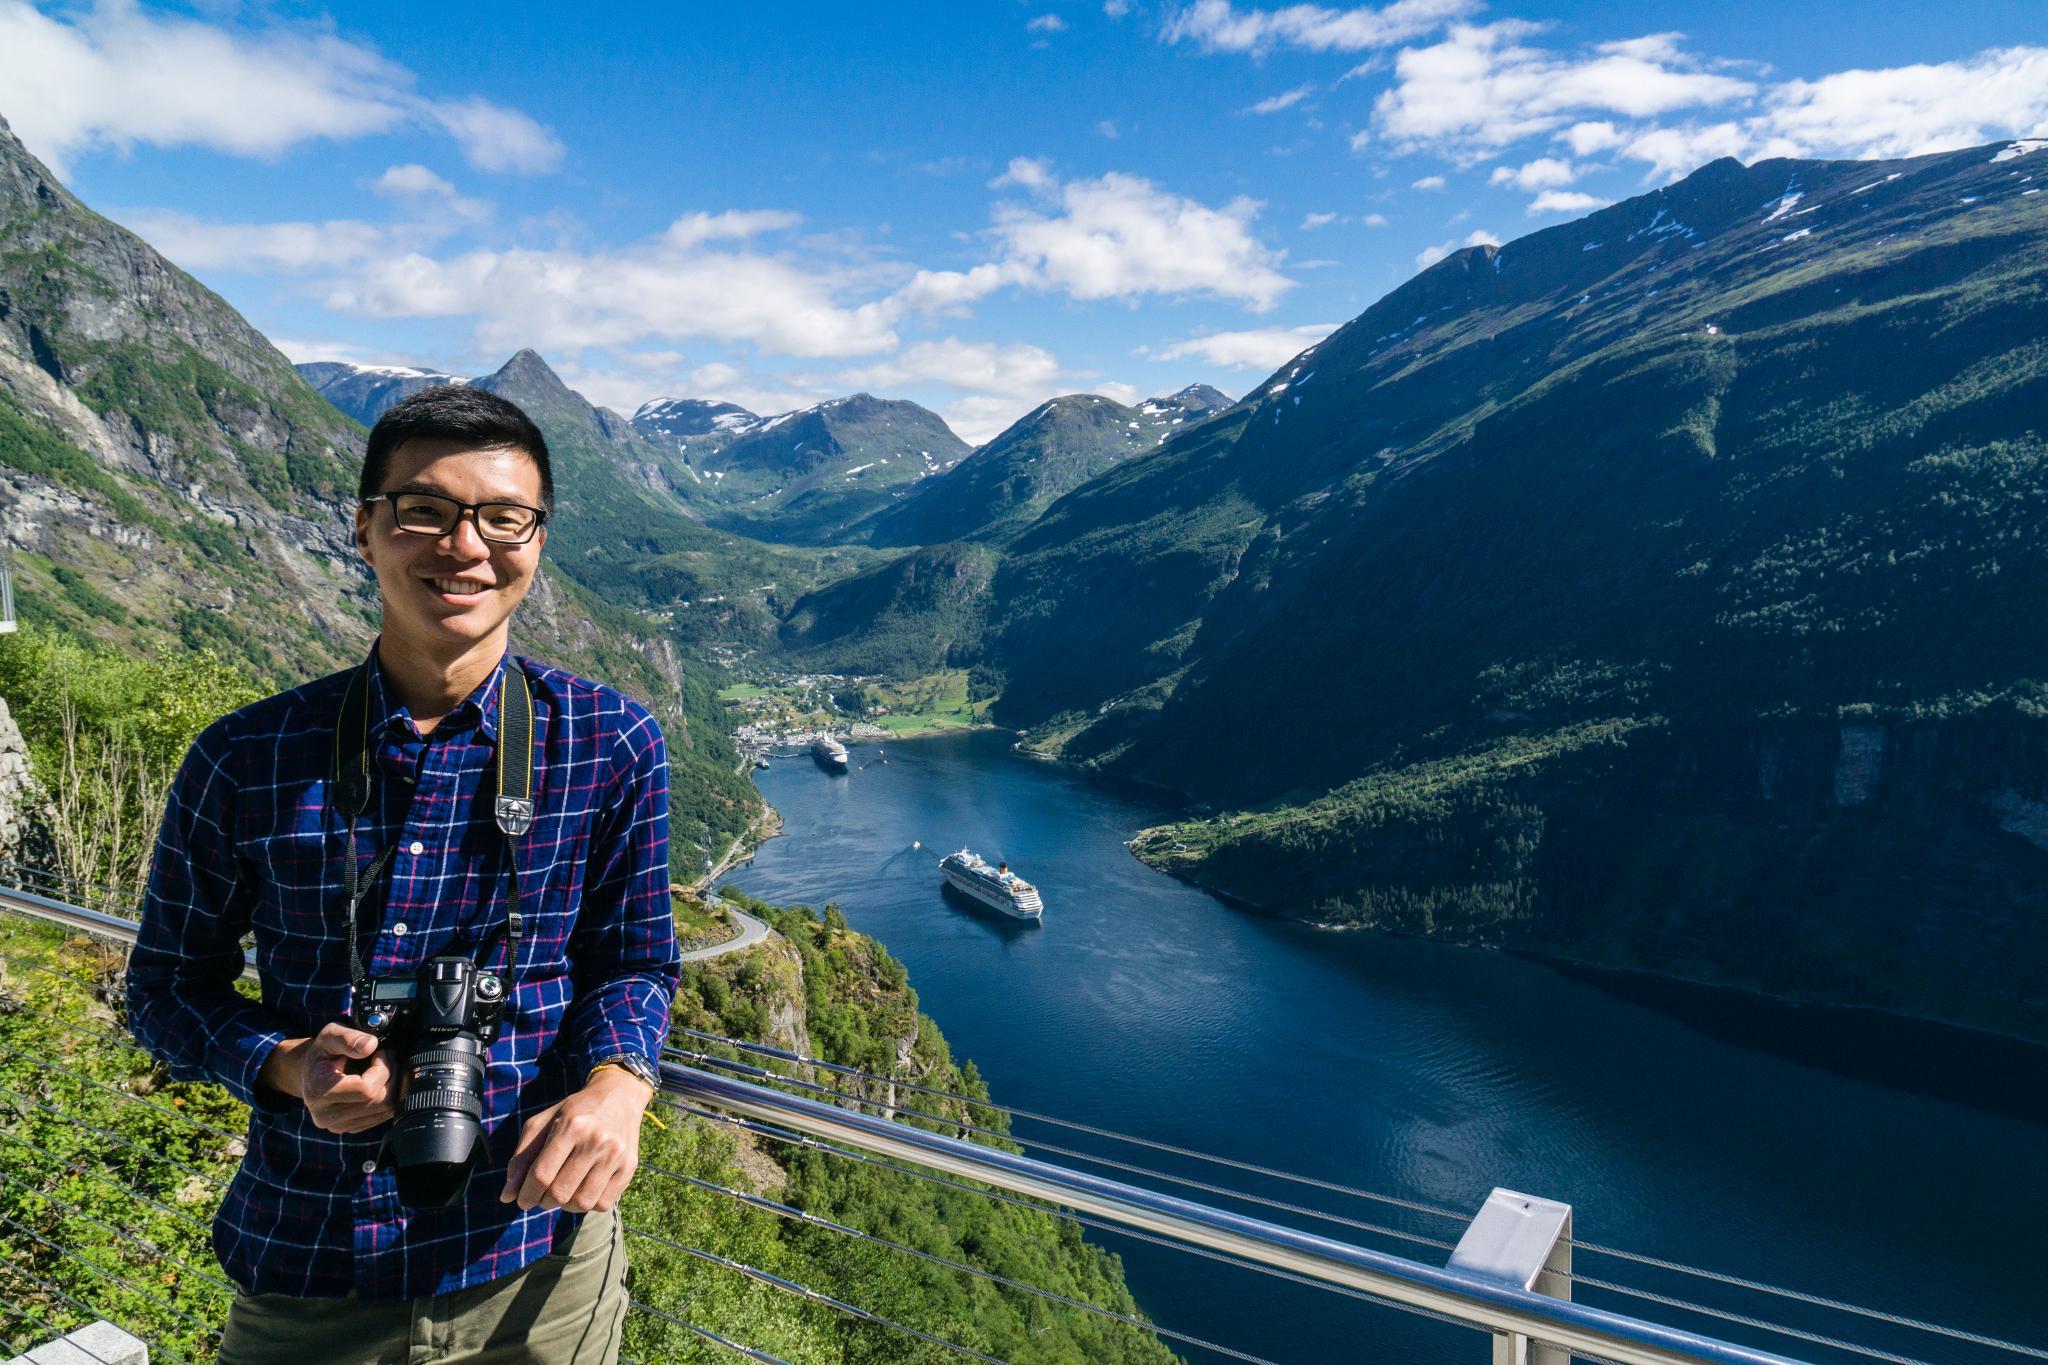 【北歐景點】Ørnesvingen 老鷹之路 ∣ 挪威世界遺產 — 蓋倫格峽灣景點總整理 12